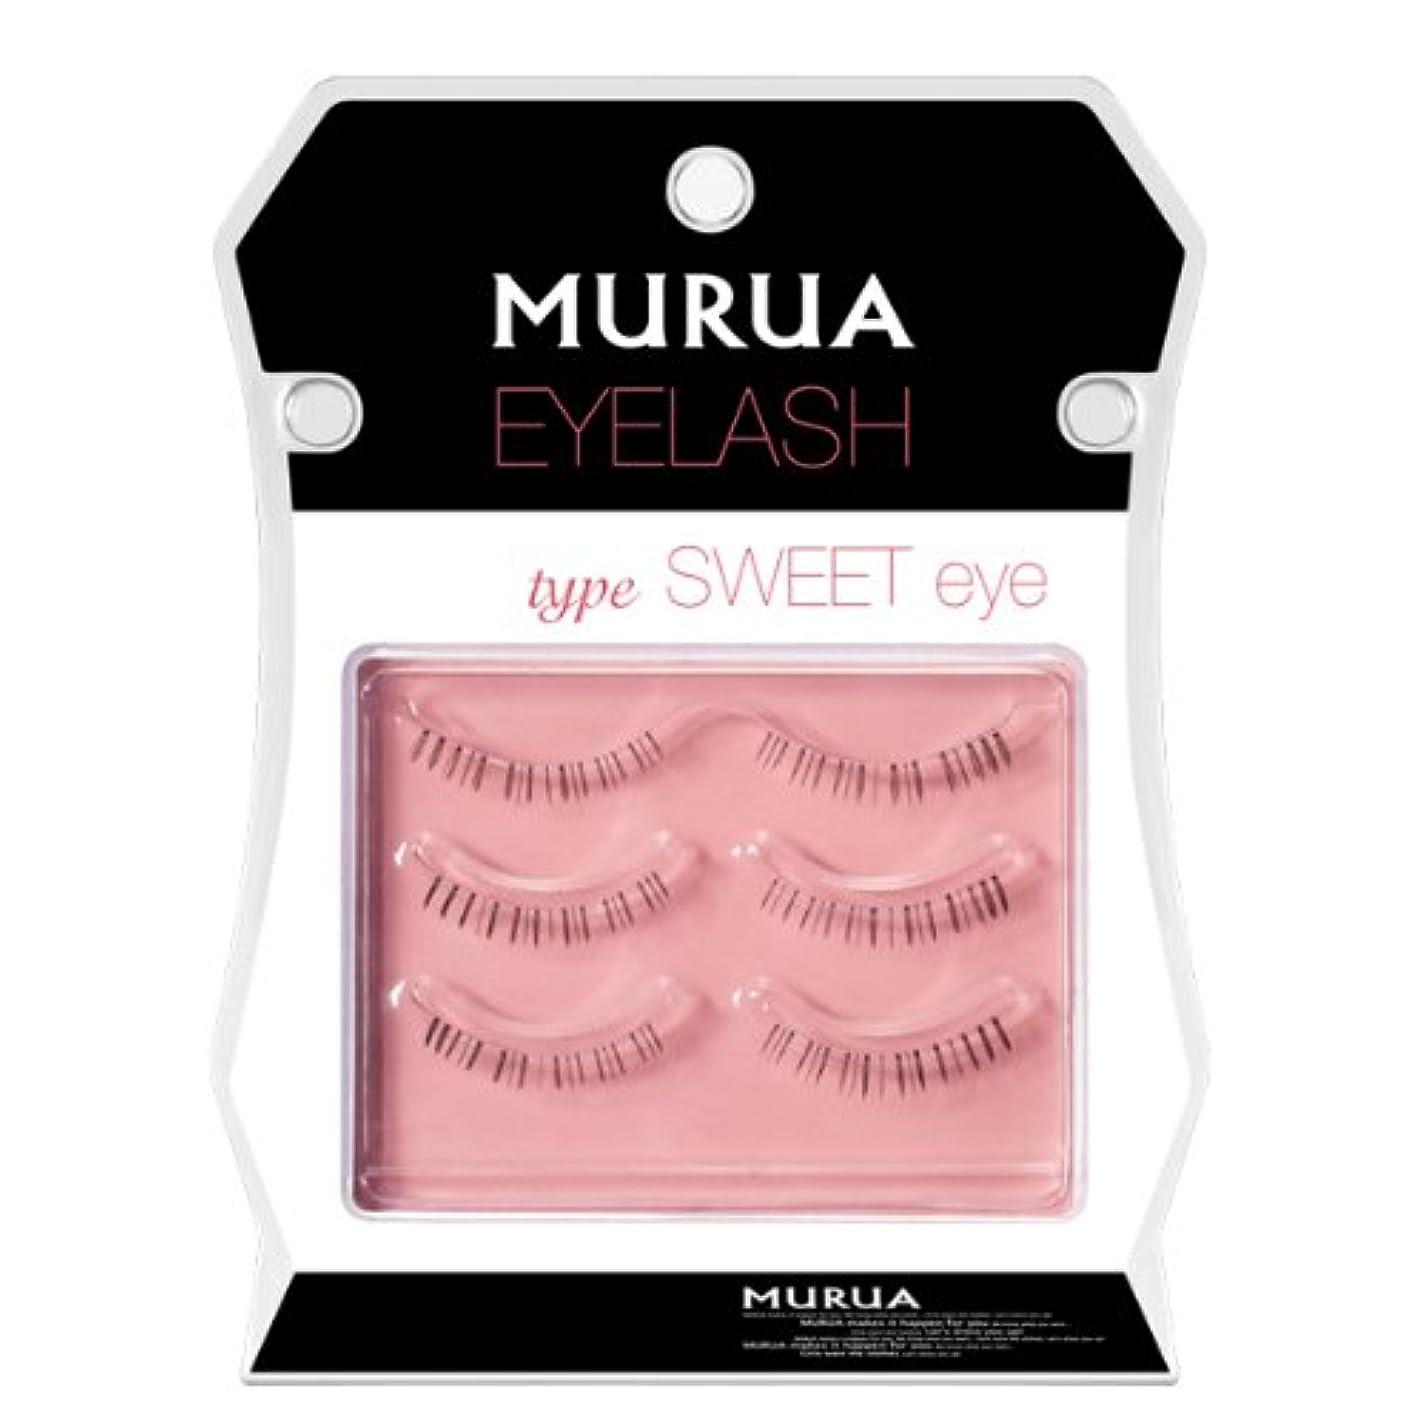 シルク魅惑的な夕方MURUA EYELASH SWEET eye (下まつげ)